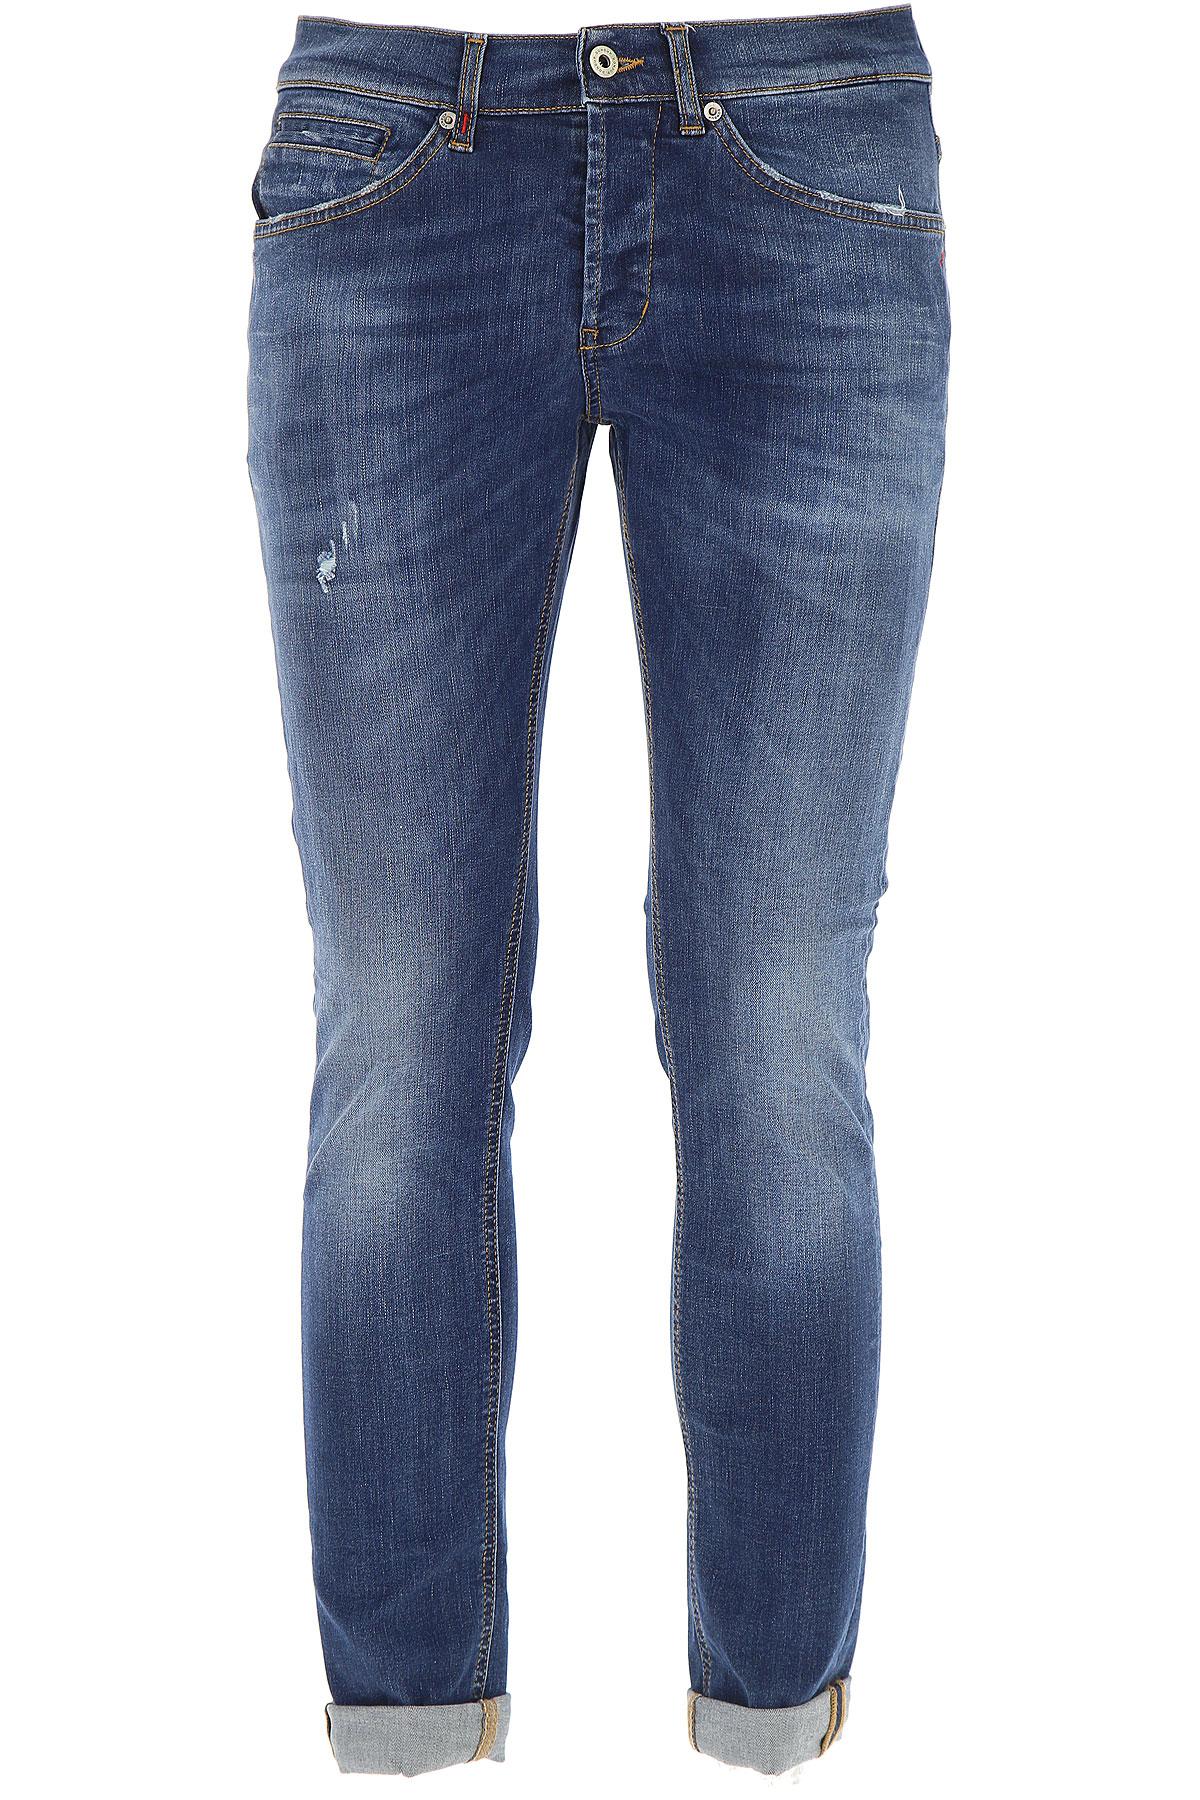 Dondup Jeans On Sale, Denim Blue, Cotton, 2017, 30 31 34